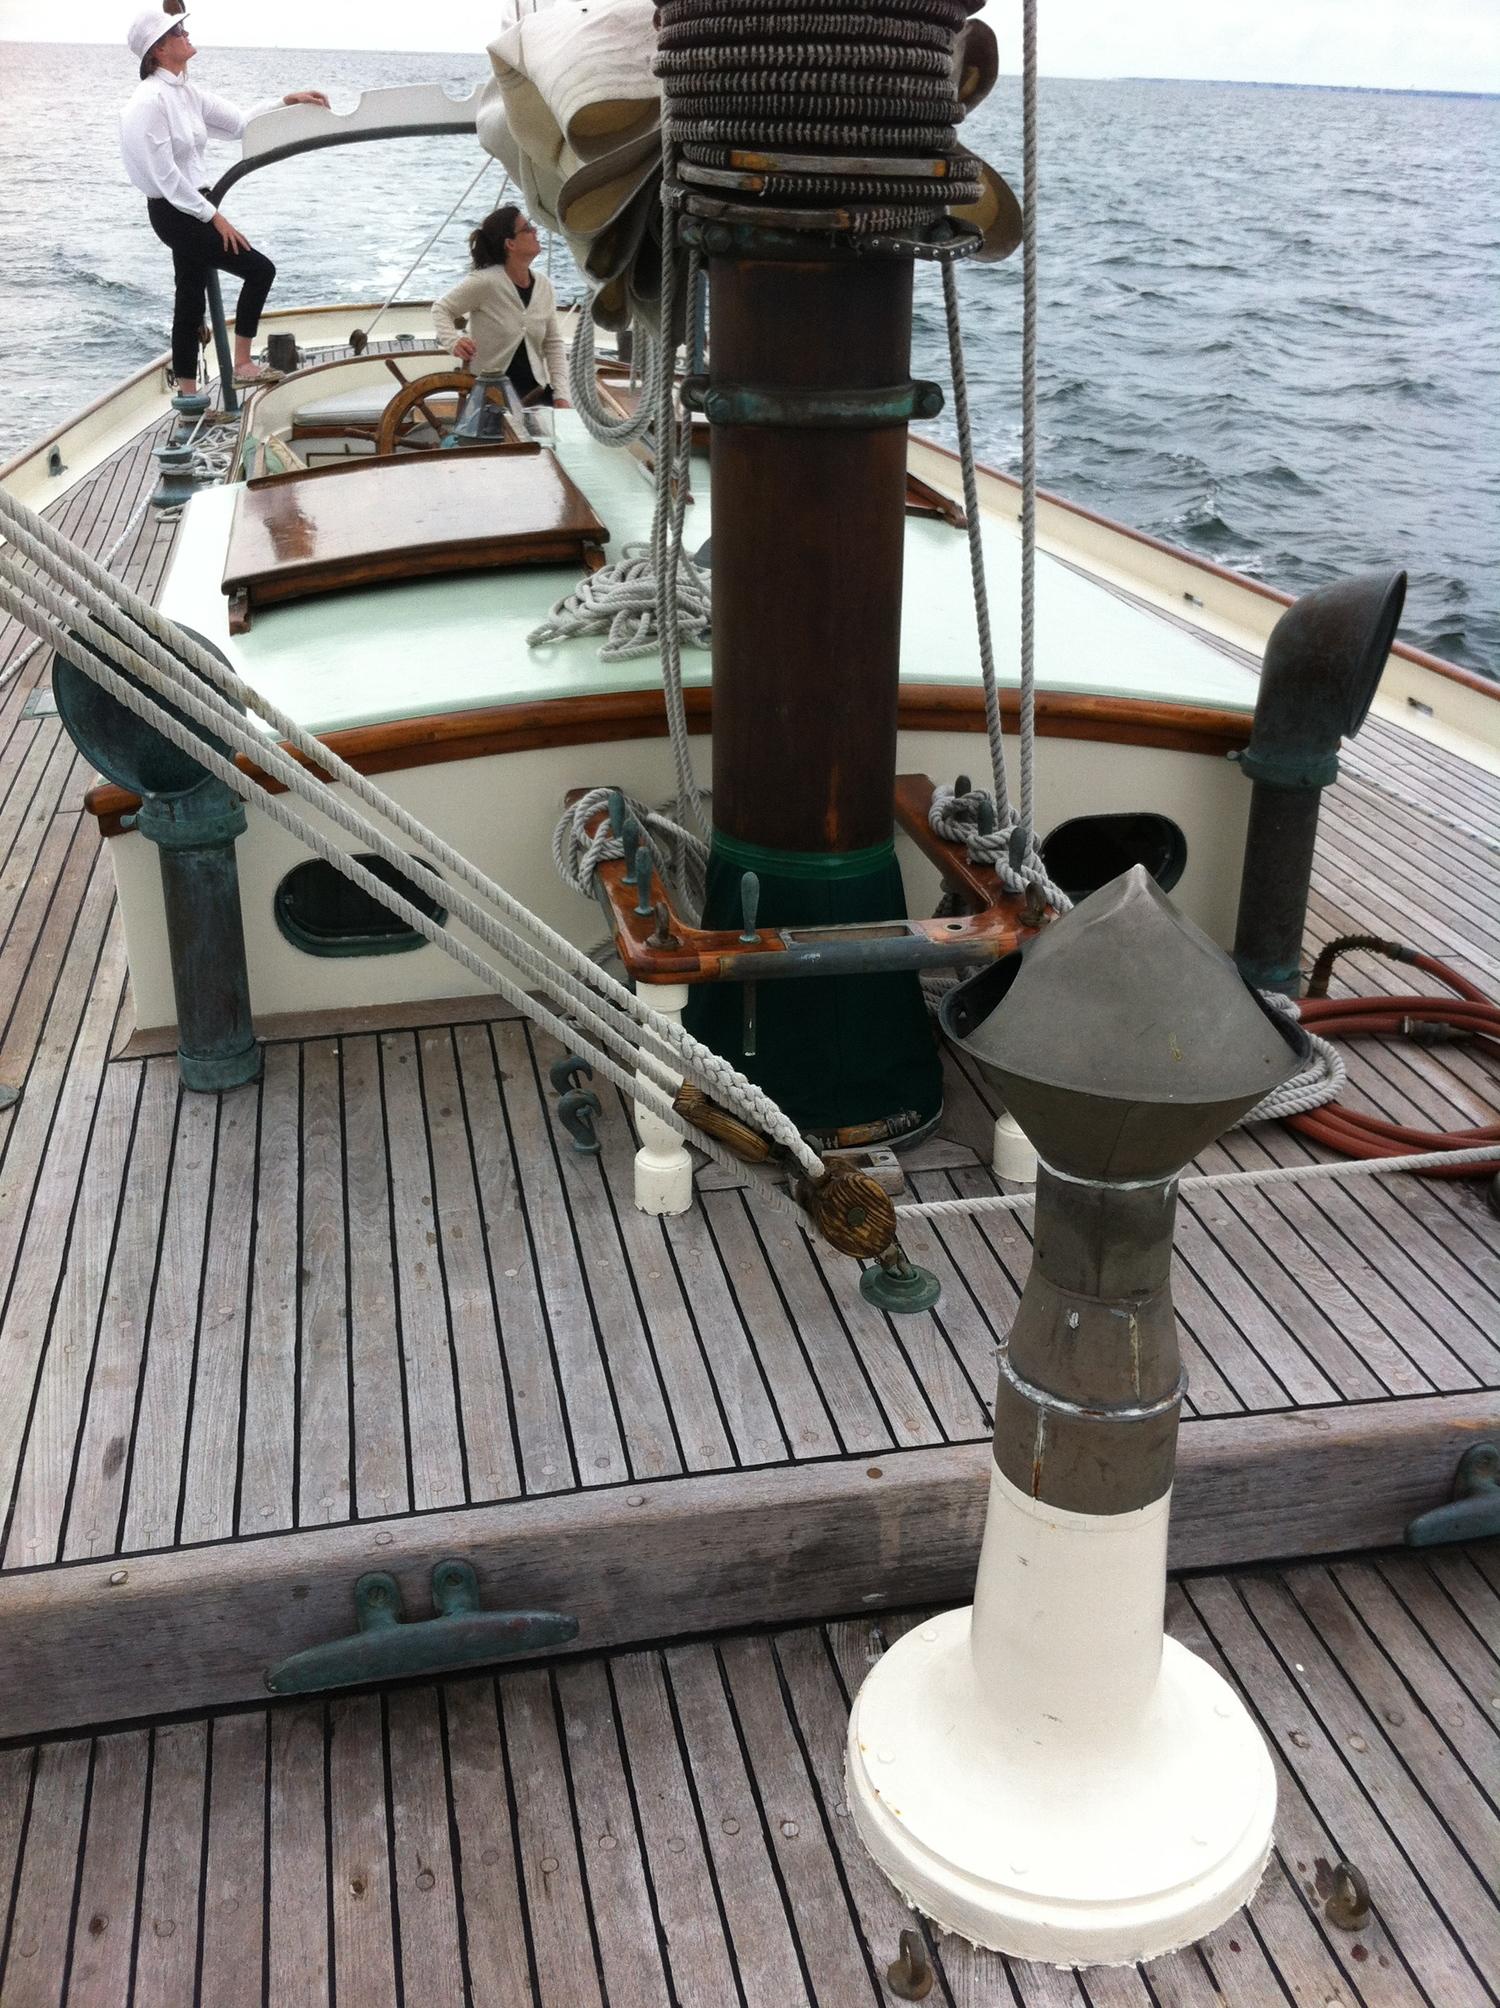 unbounded-adventures_schooner-tyrone-deck.jpg